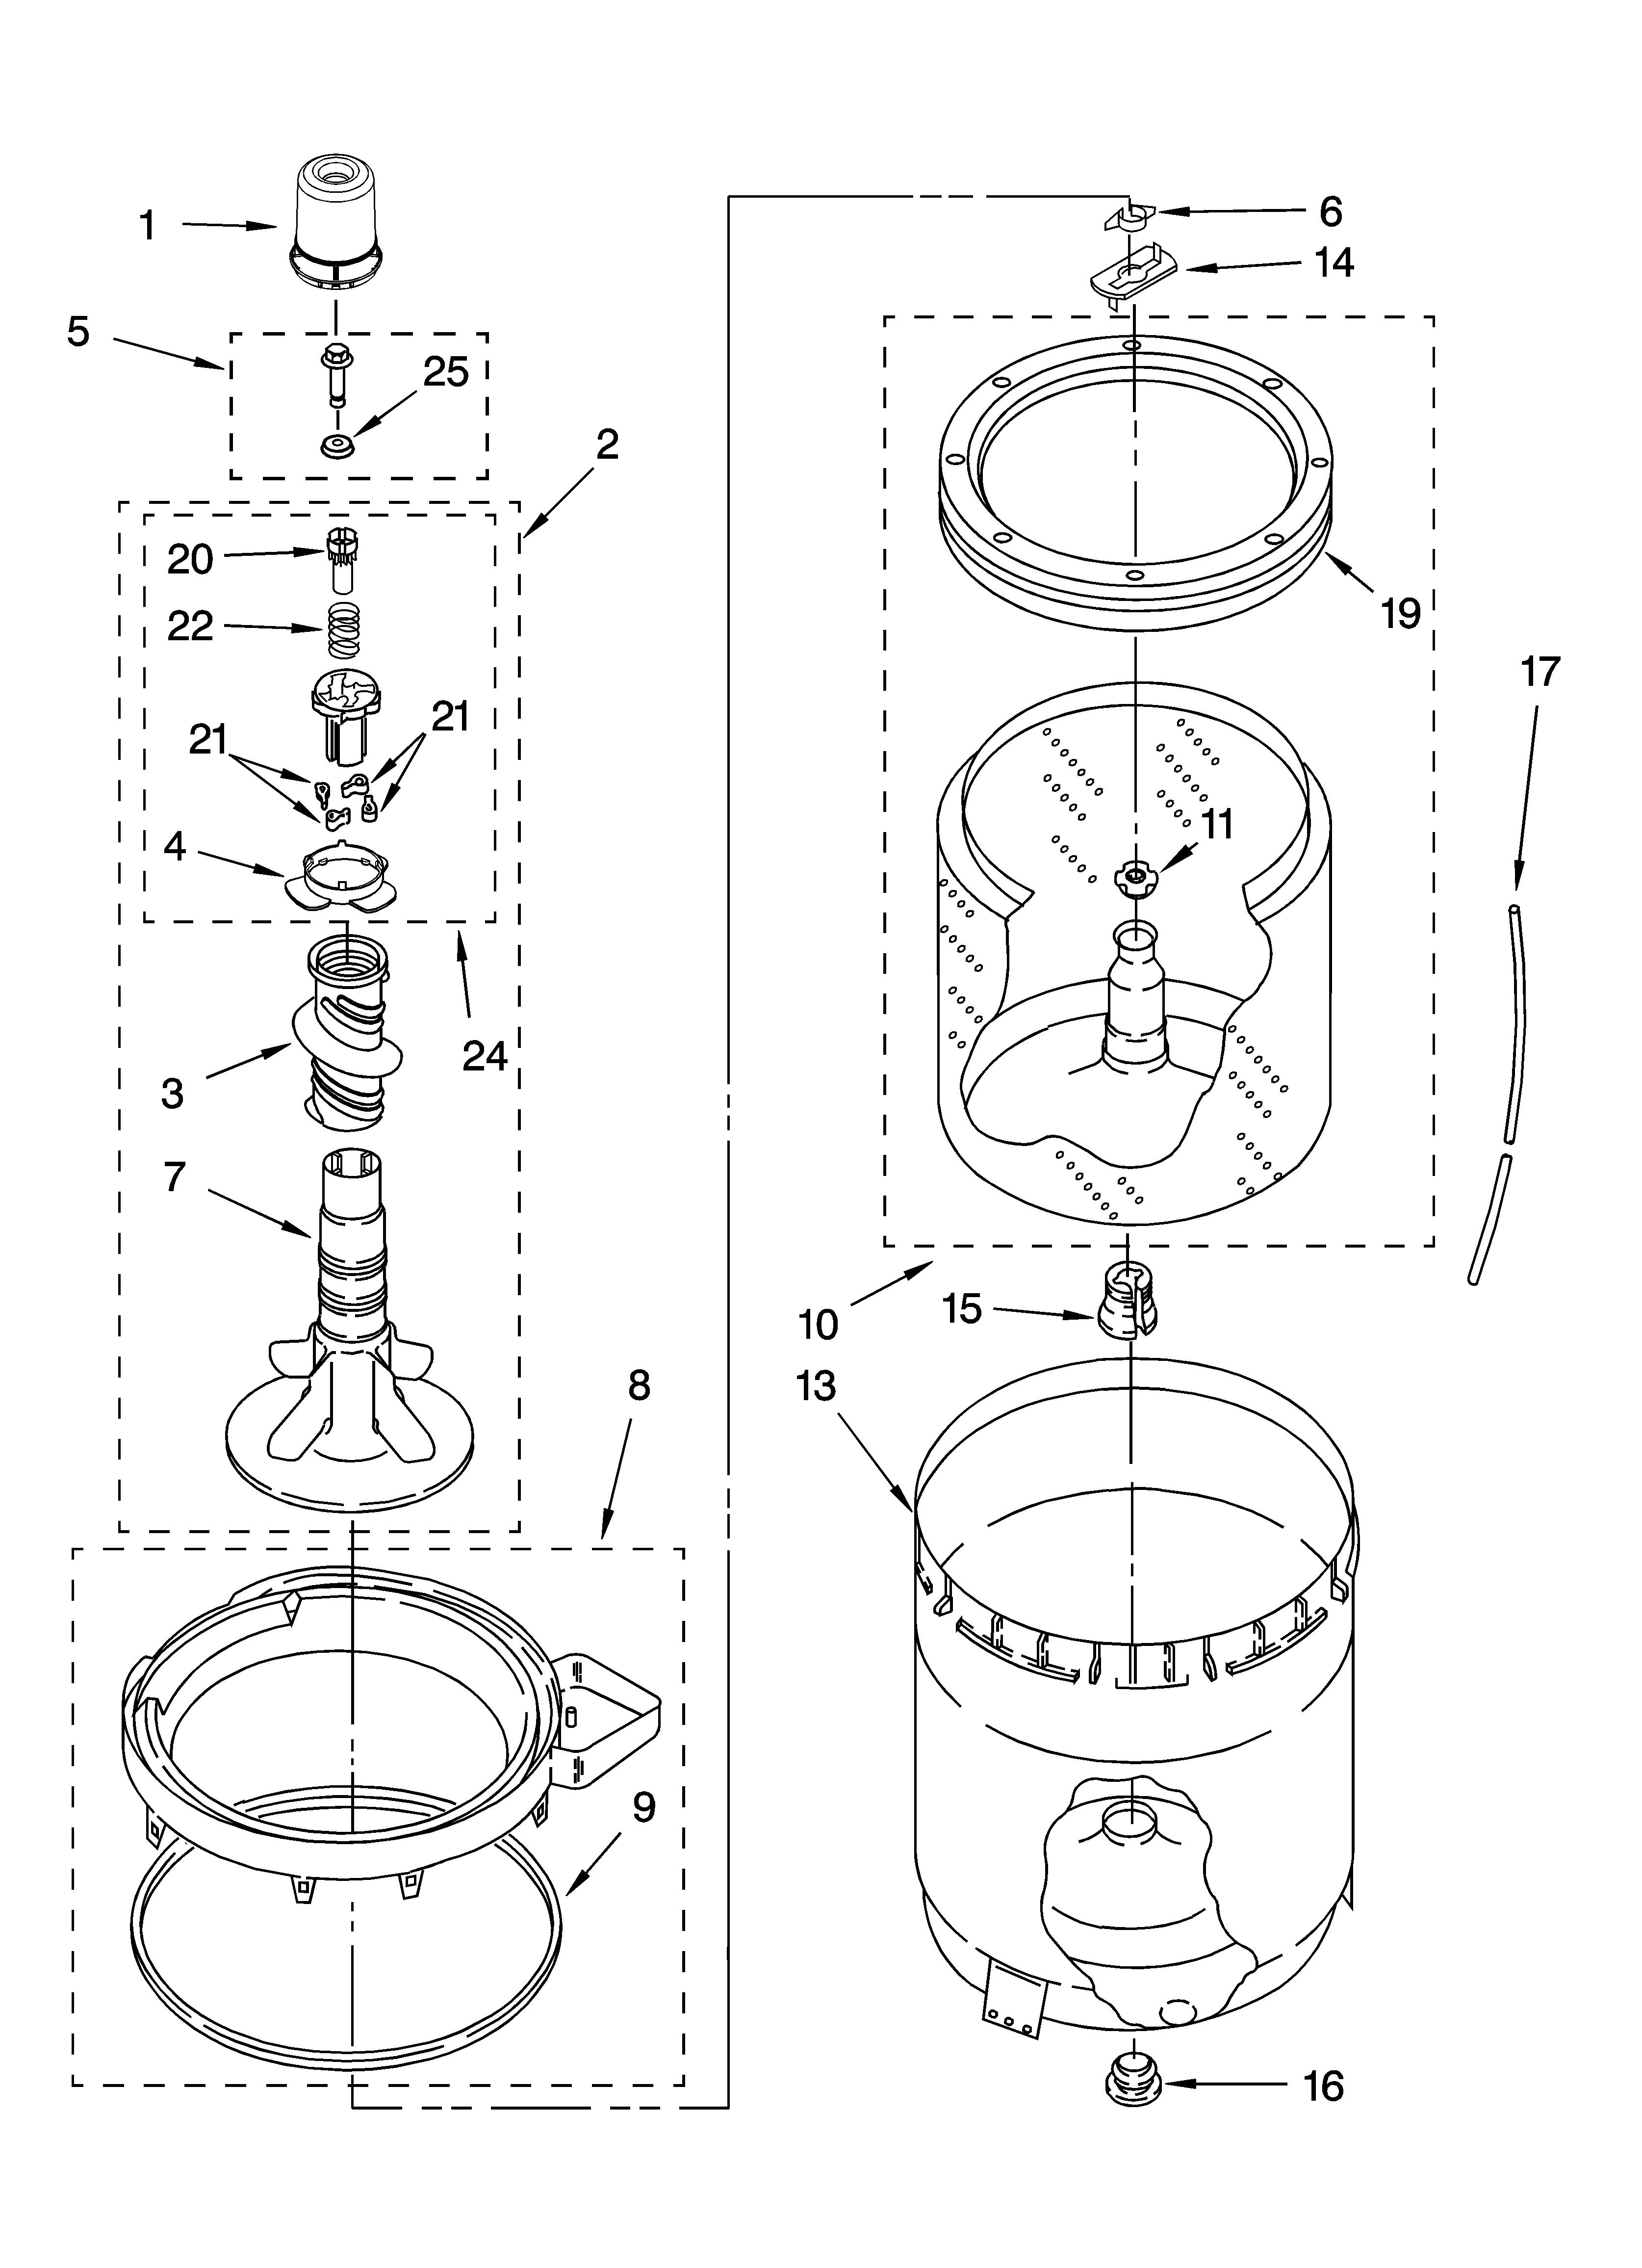 kenmore series 400 washer repair manual model 110